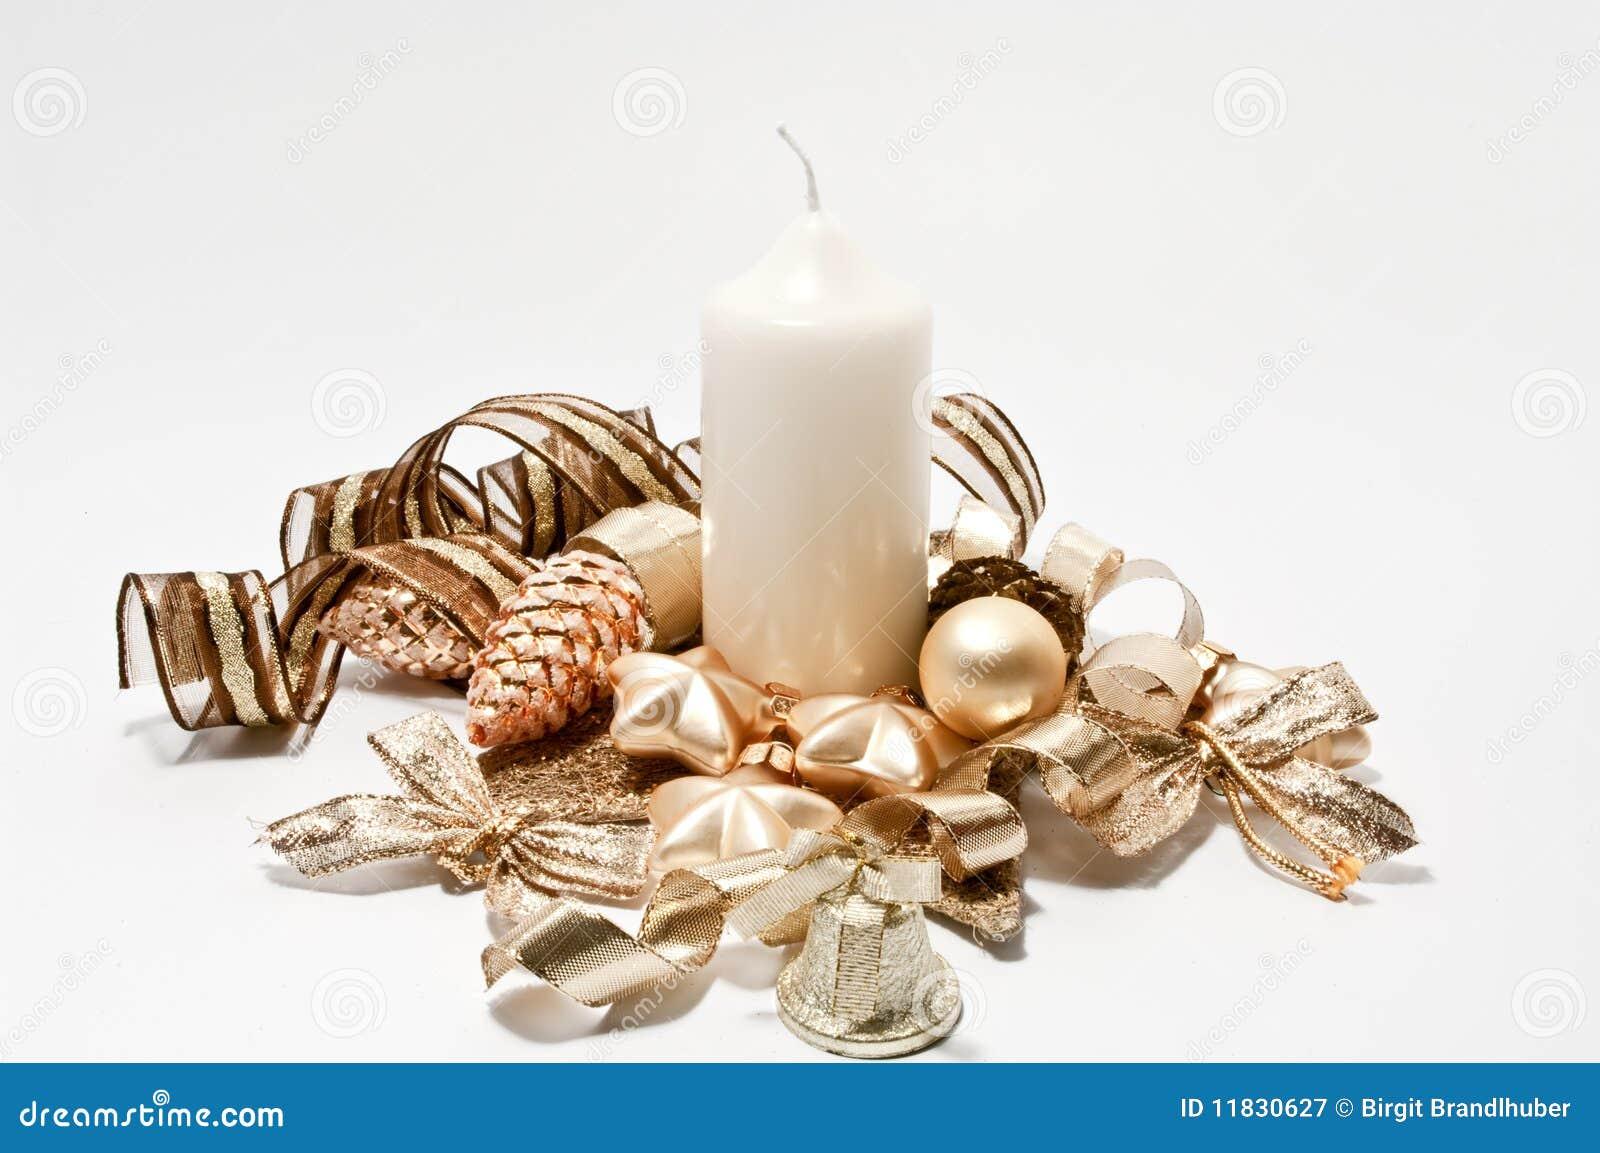 dekoration fr weihnachten im braun und im gold - Bett Dekoration Braun